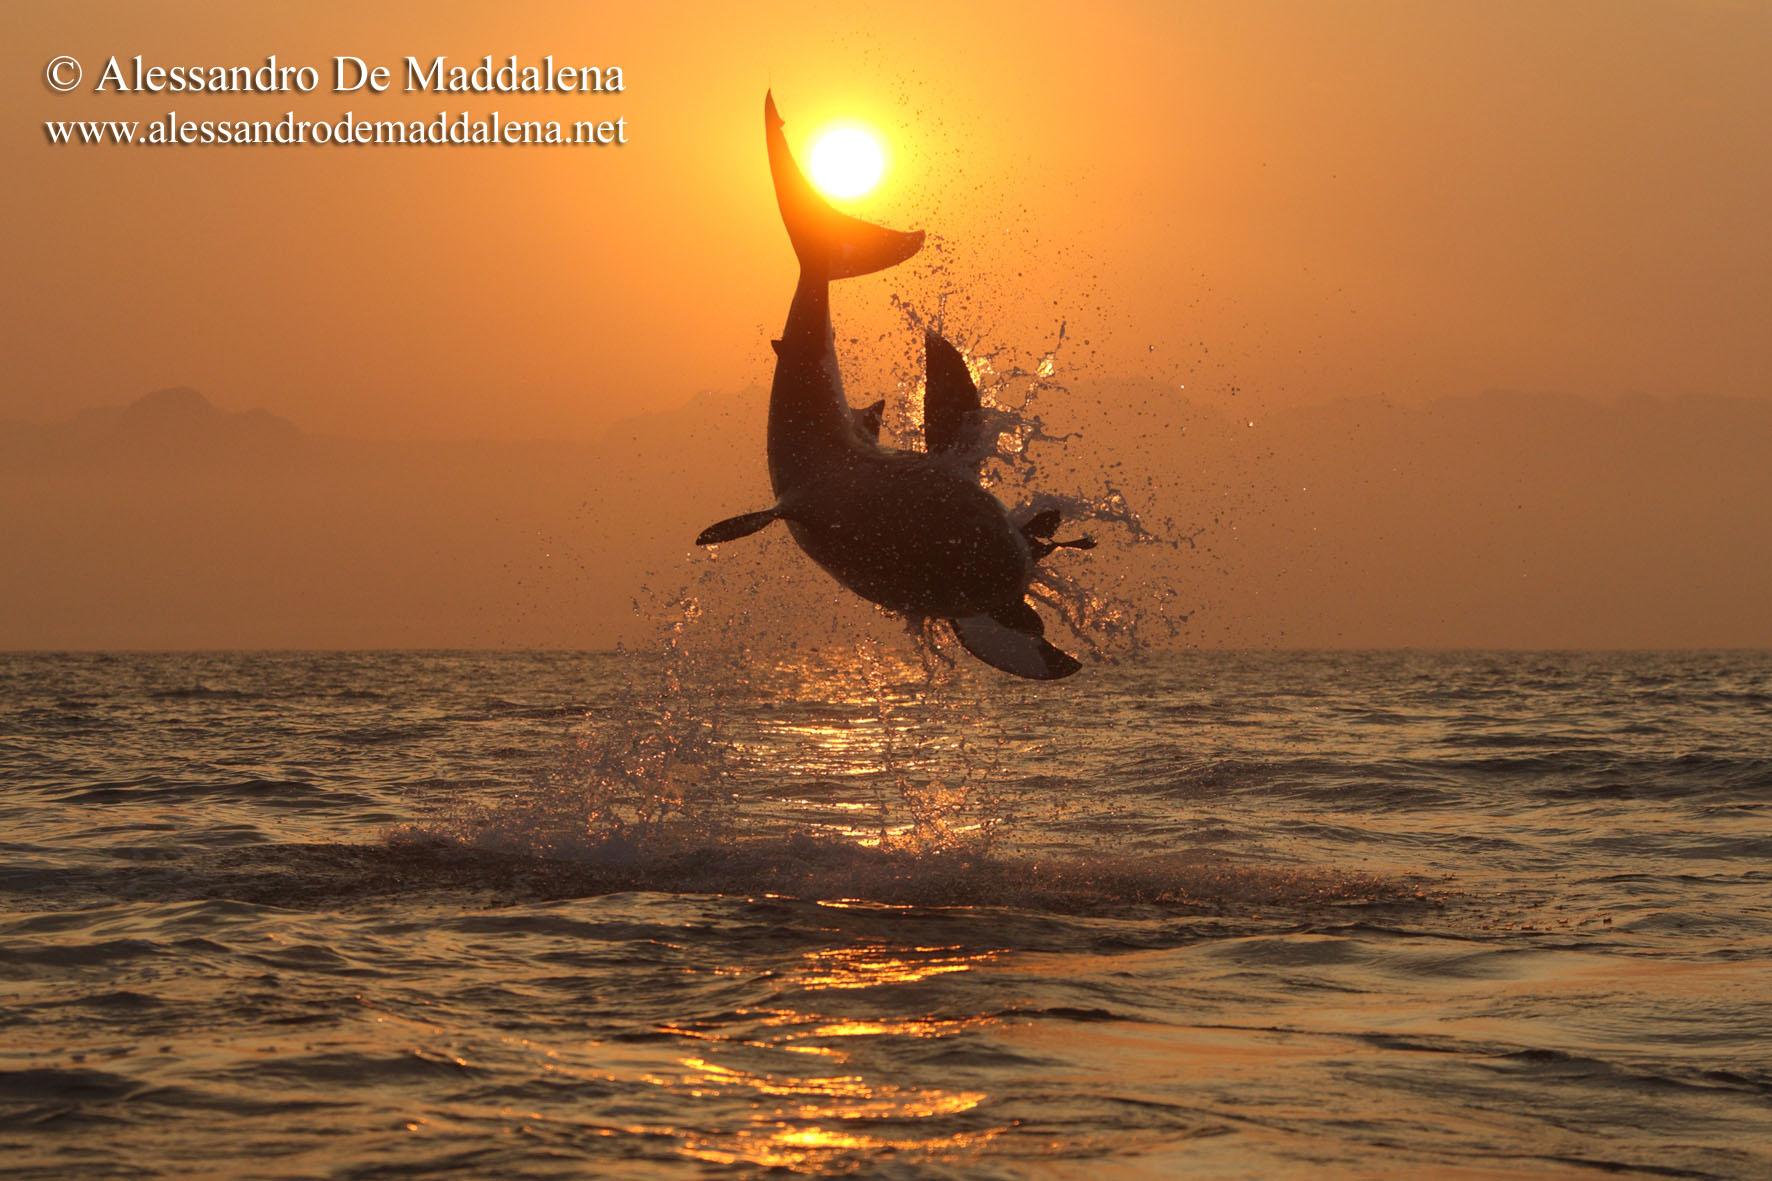 Programma spedizione squalo bianco sudafrica alessandro de maddalena - Bagno con gli squali sudafrica ...